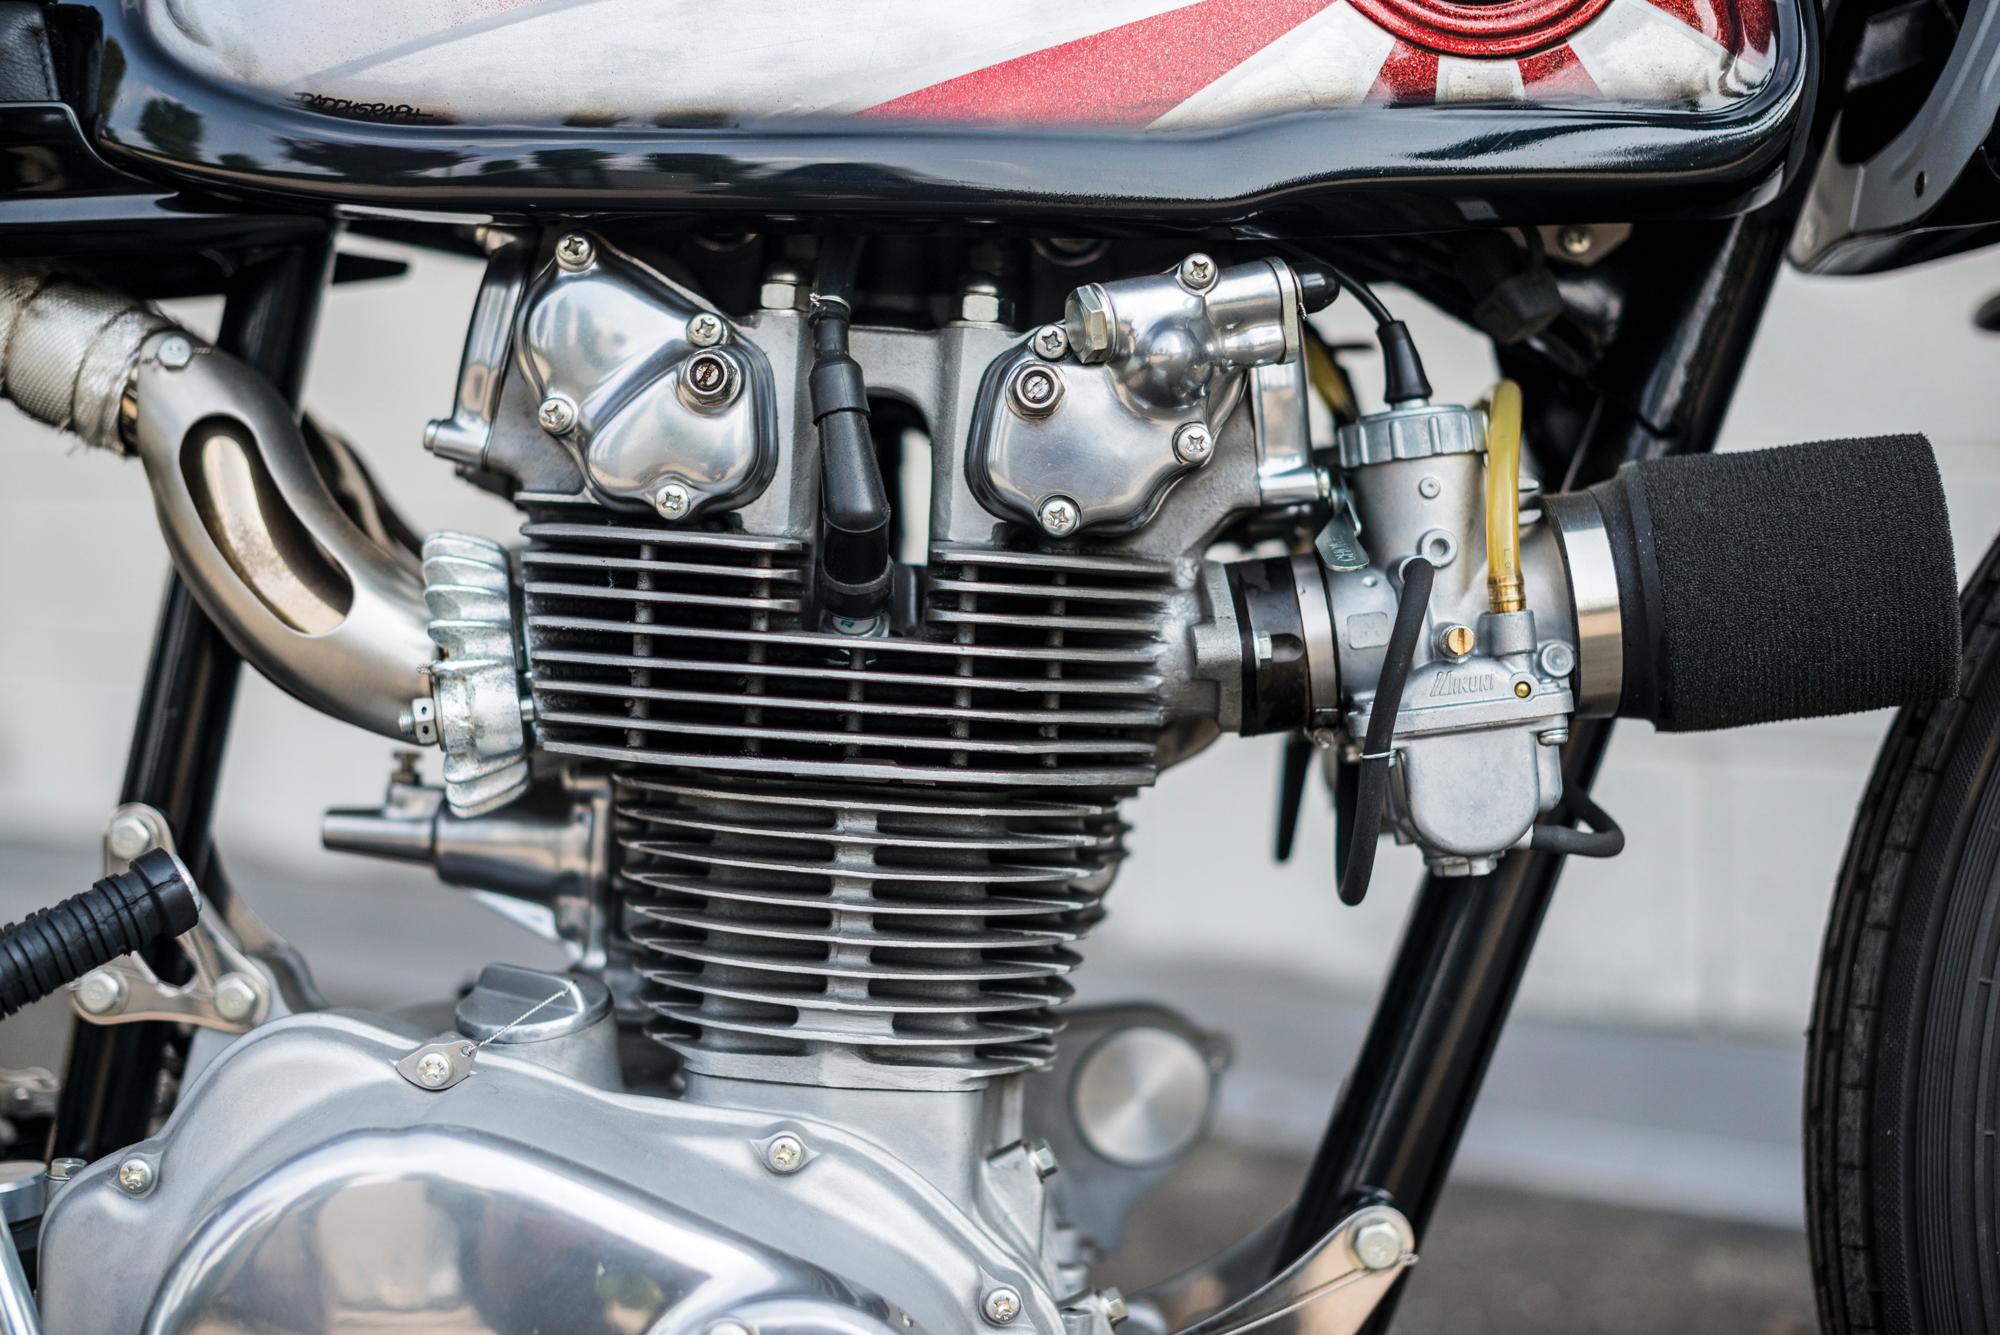 Honda CB450 Krugger engine 2017 Villa Erba